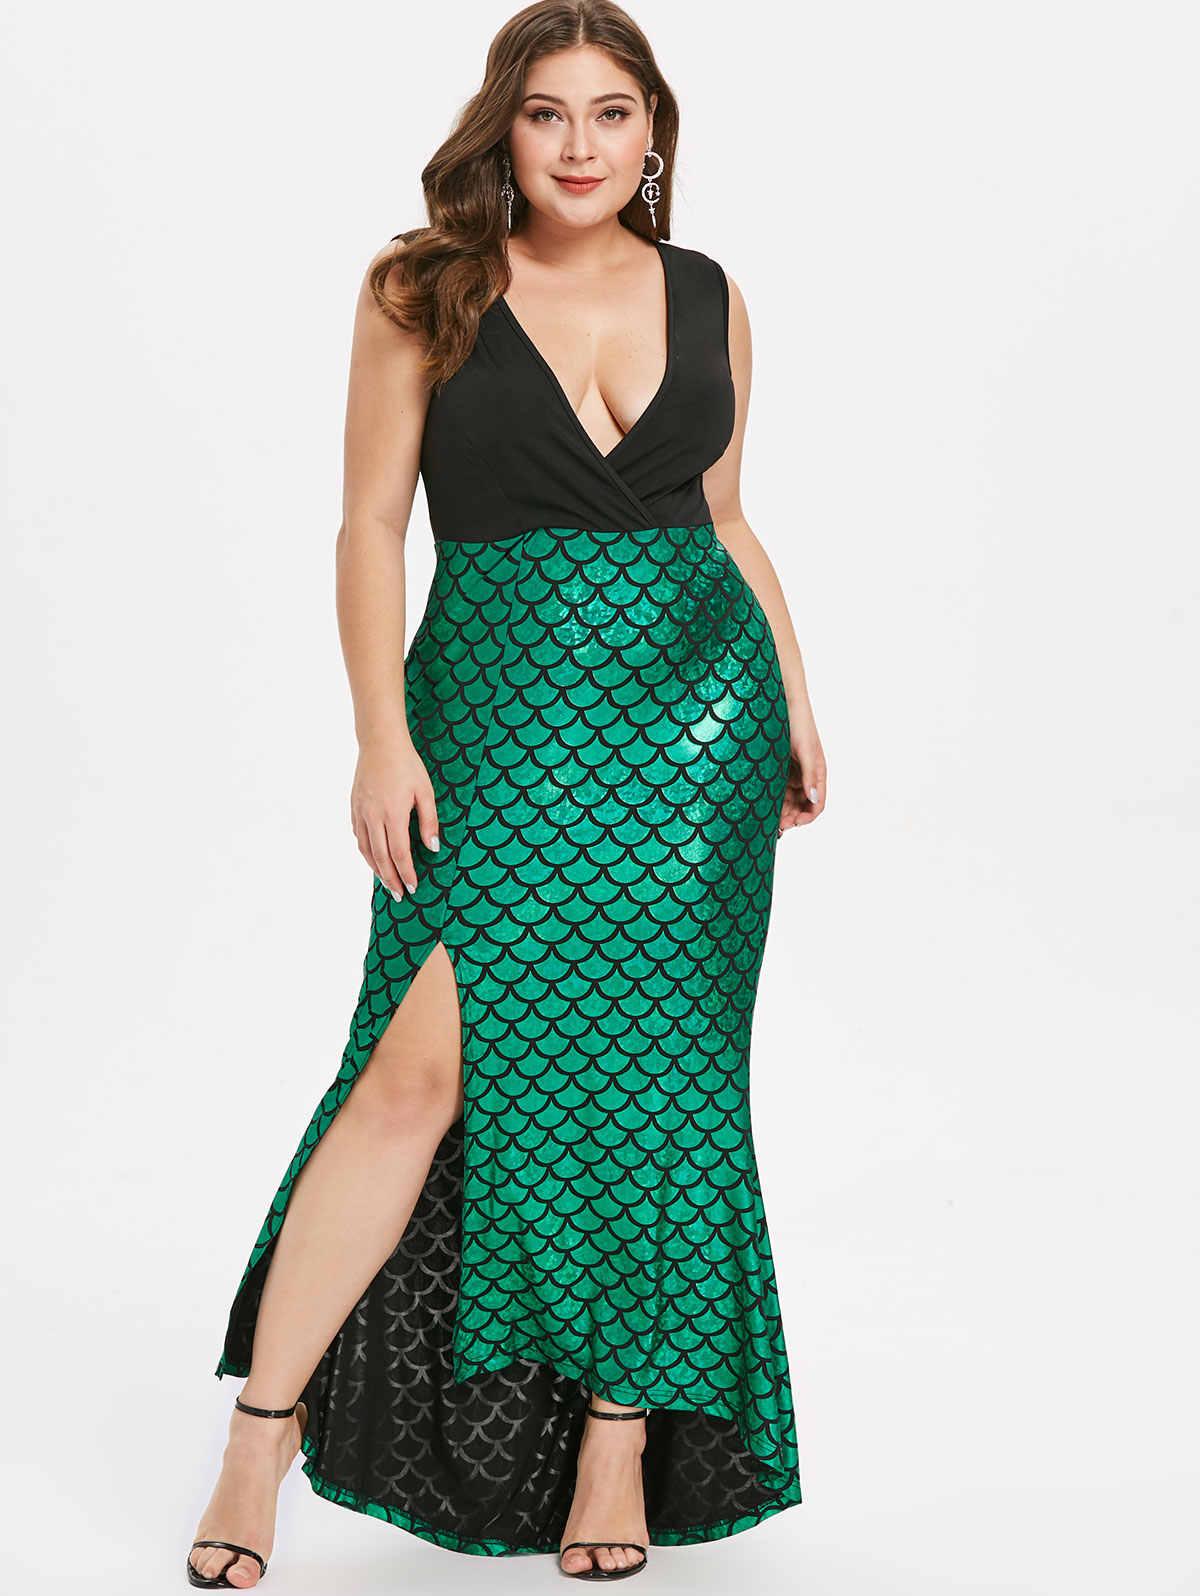 2019 рыбий масштаб с асимметричным Разрезом Платье русалки женское сексуальное глубокое v-образным вырезом без рукавов лоскутное платье макси плюс размер платья для вечеринок